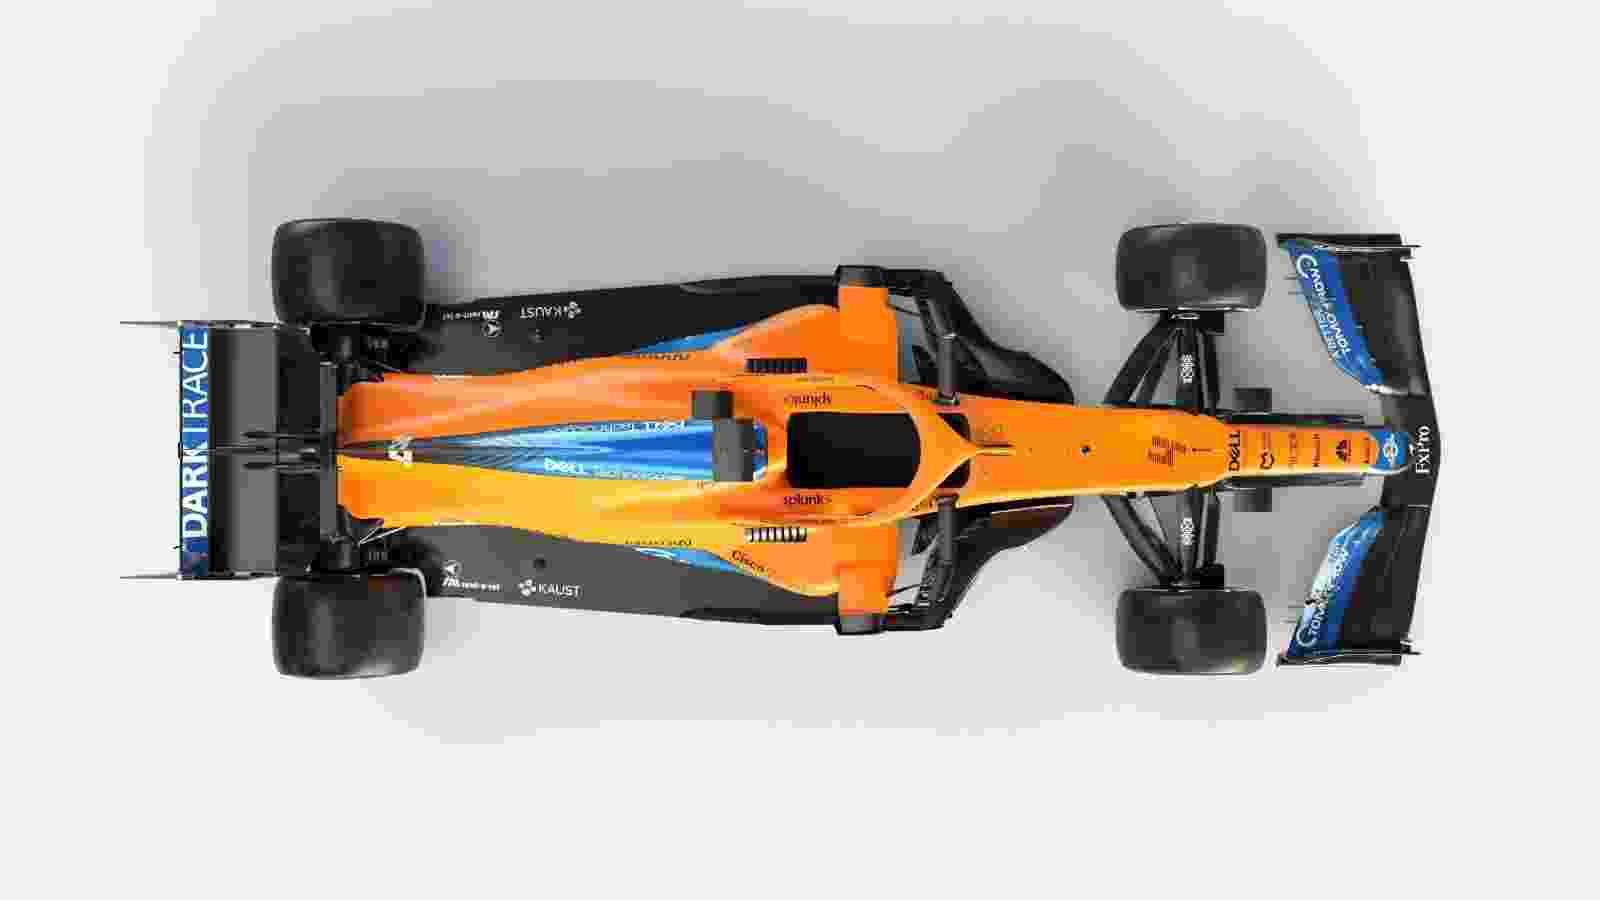 Assoalho dos carros de 2021 da F1 será menor na parte traseira, como mostra novo carro da McLaren - Divulgação